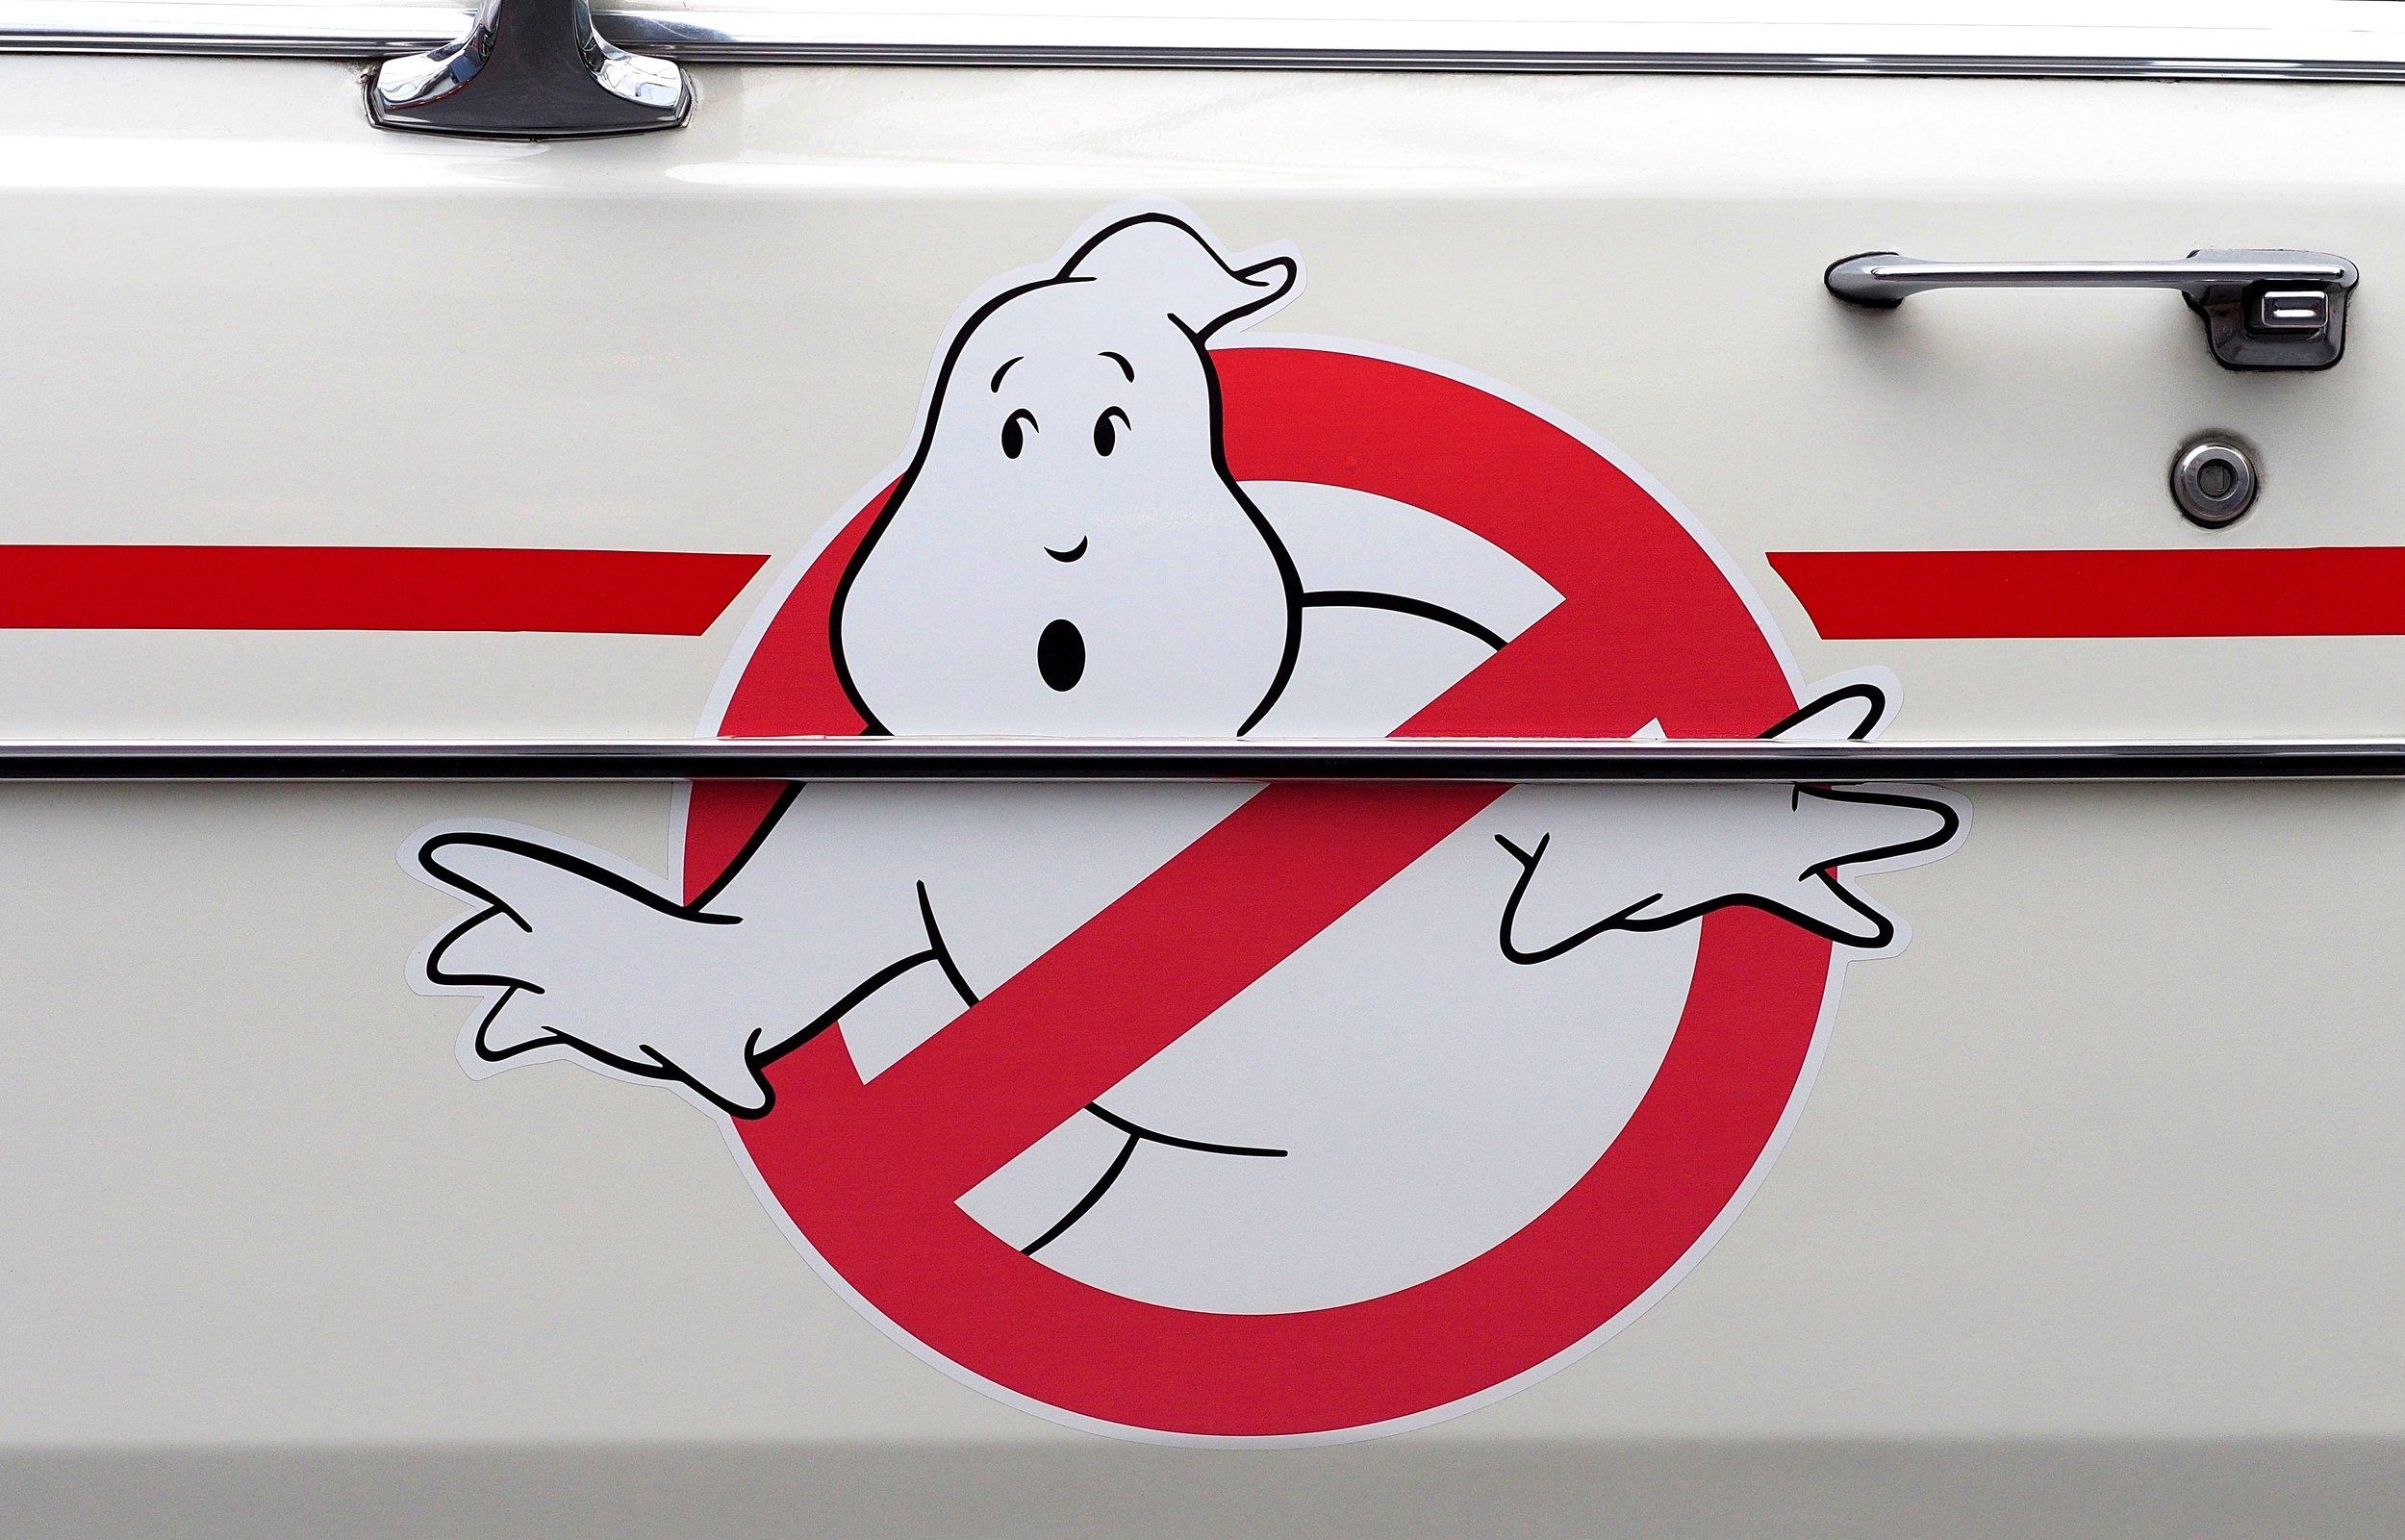 ghostbusters-1515155.jpg